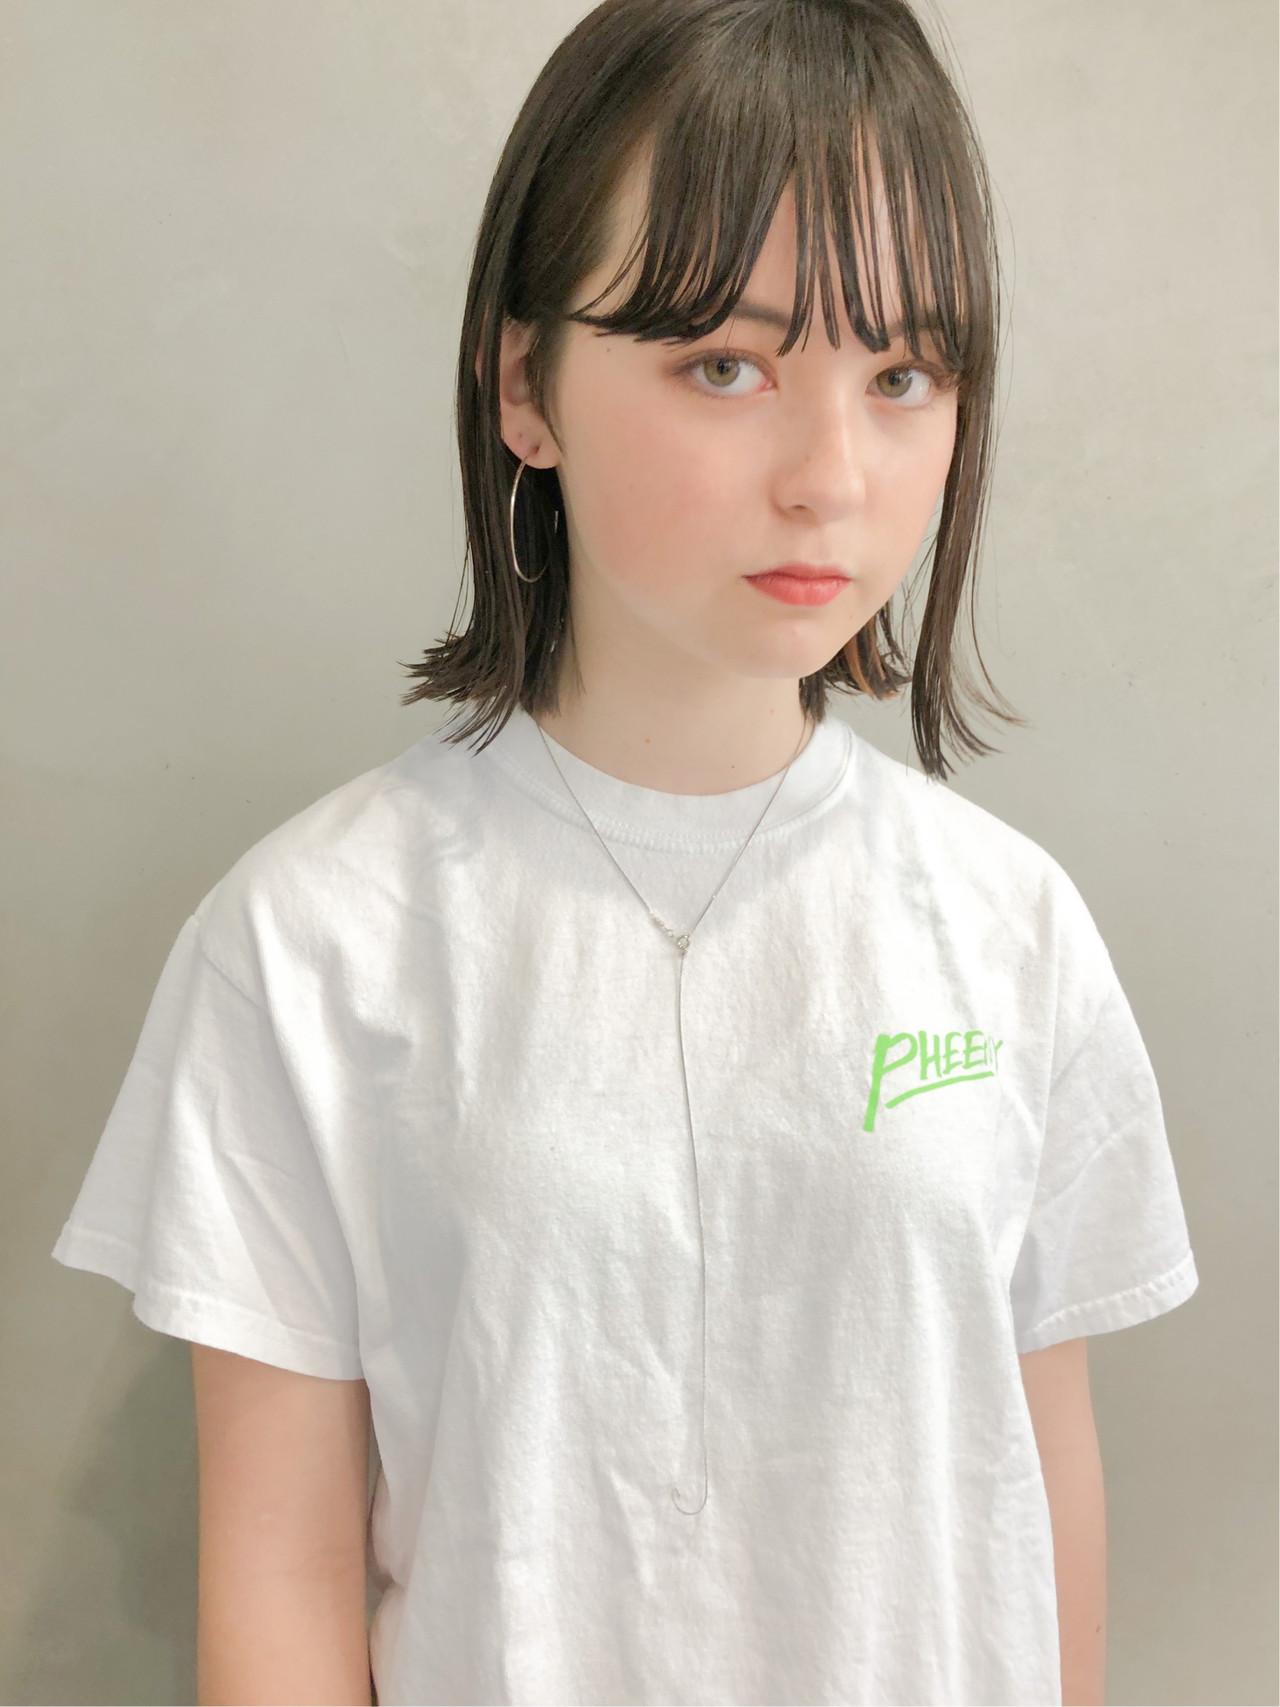 ロブ ナチュラル ショートボブ 切りっぱなしボブ ヘアスタイルや髪型の写真・画像 | ikeo gaku / H-eitf